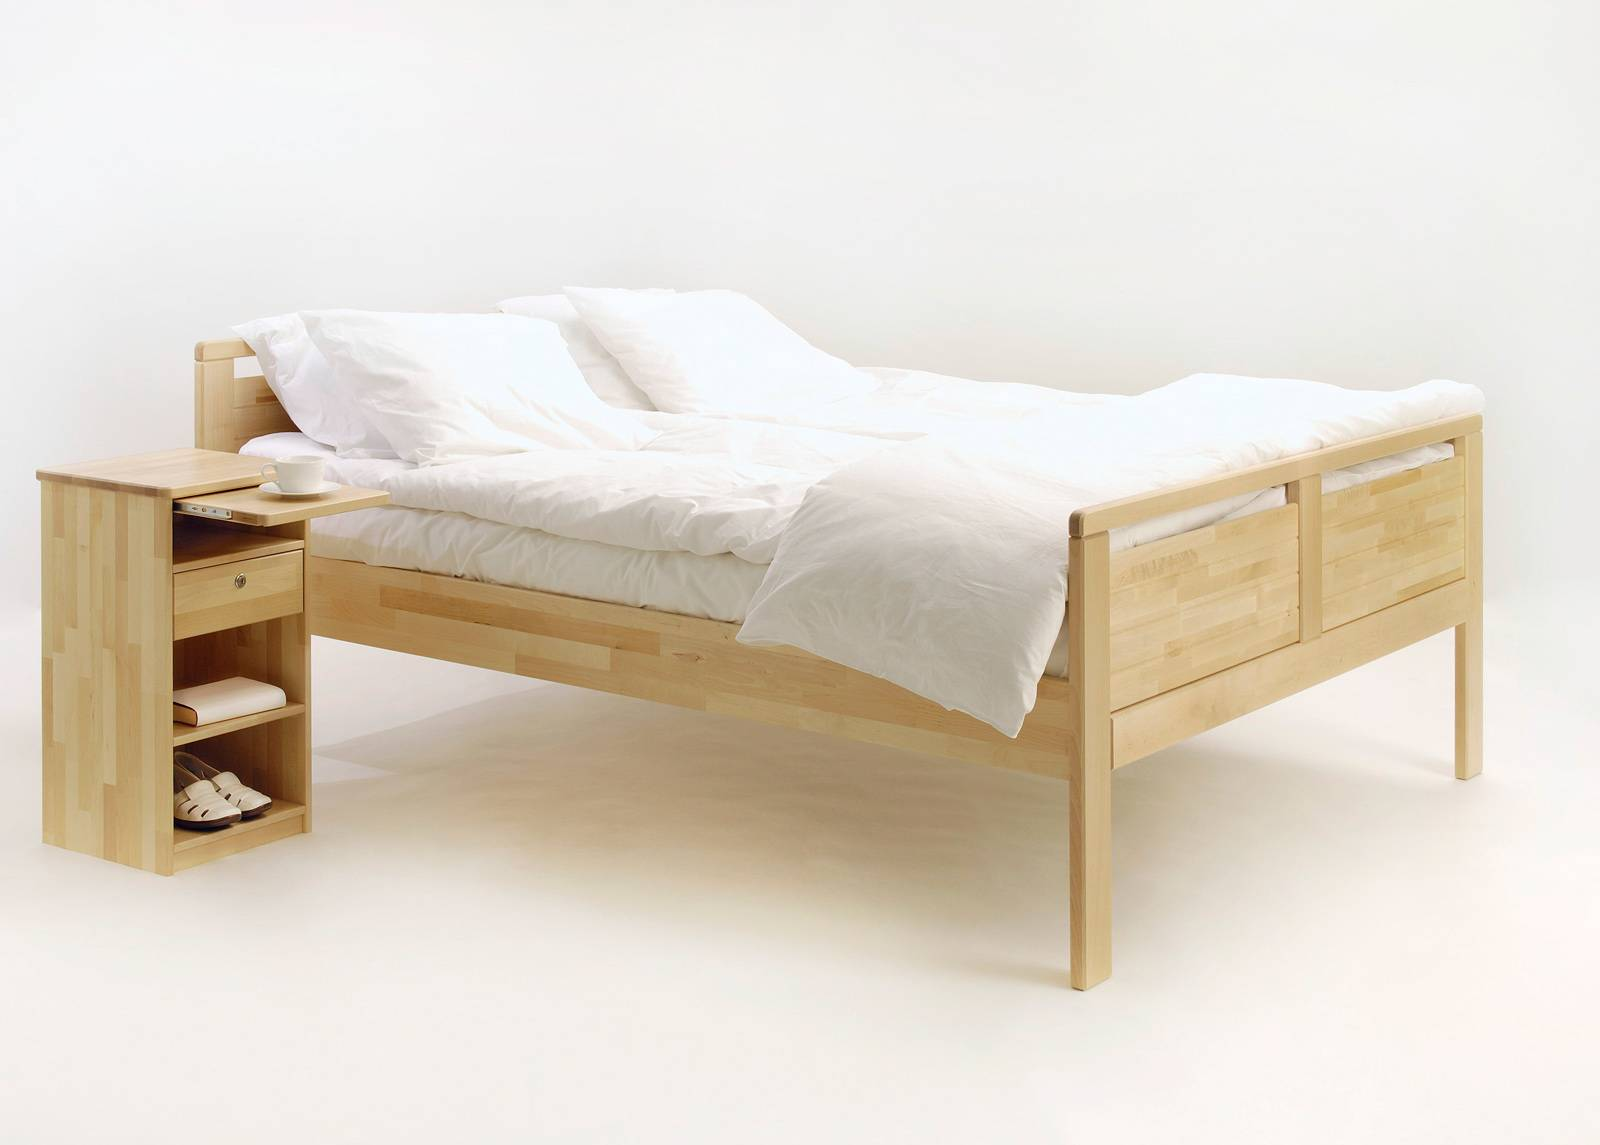 KITEEN Sänky Seniori 160x200 cm, koivu